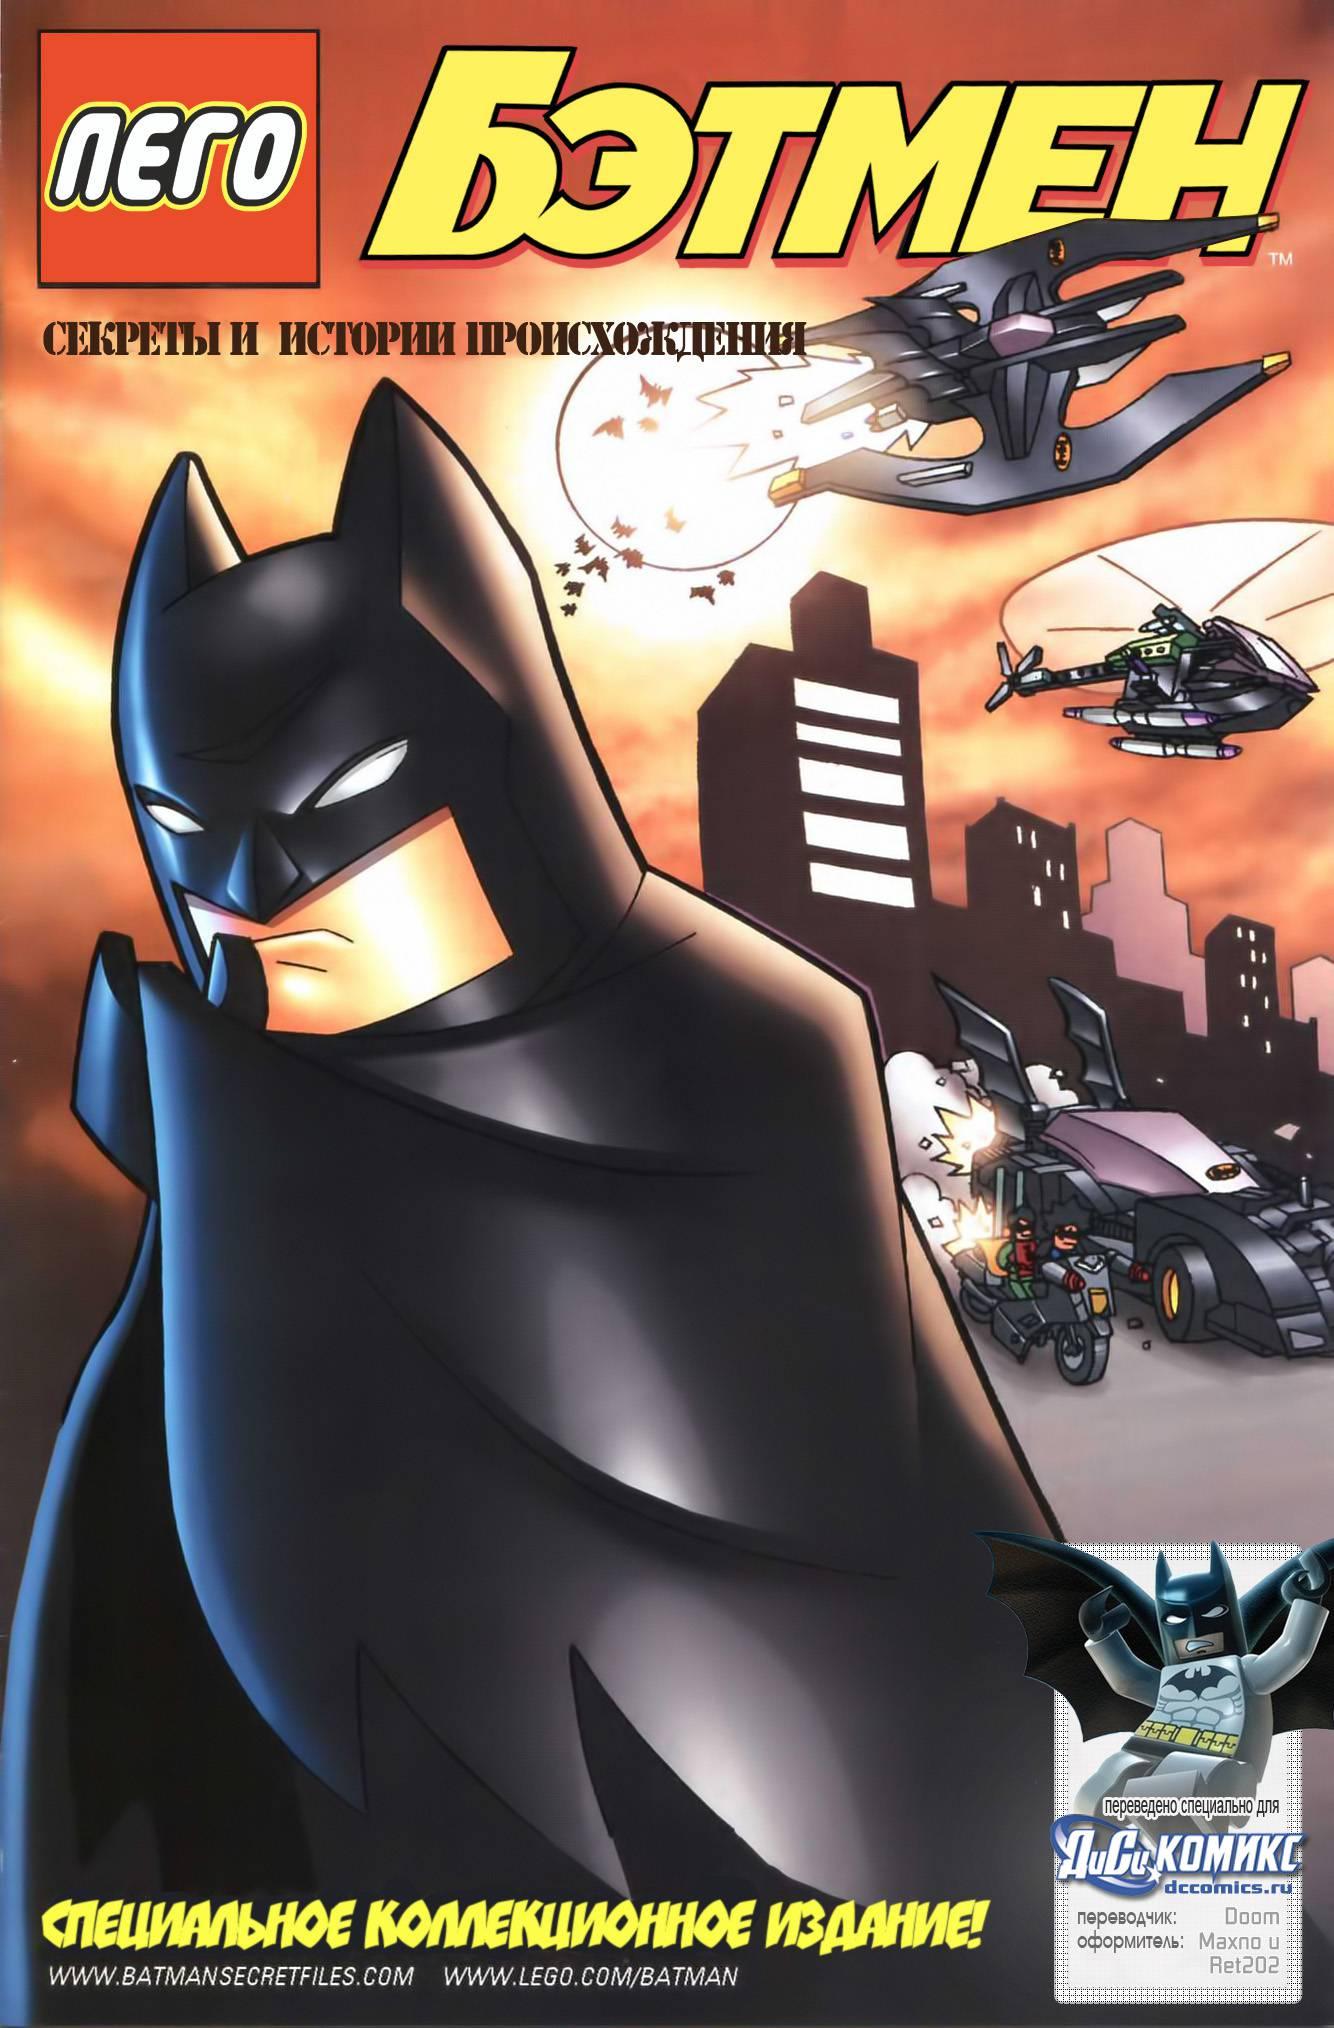 Бэтмен-Лего: Секреты и истории происхождения онлайн